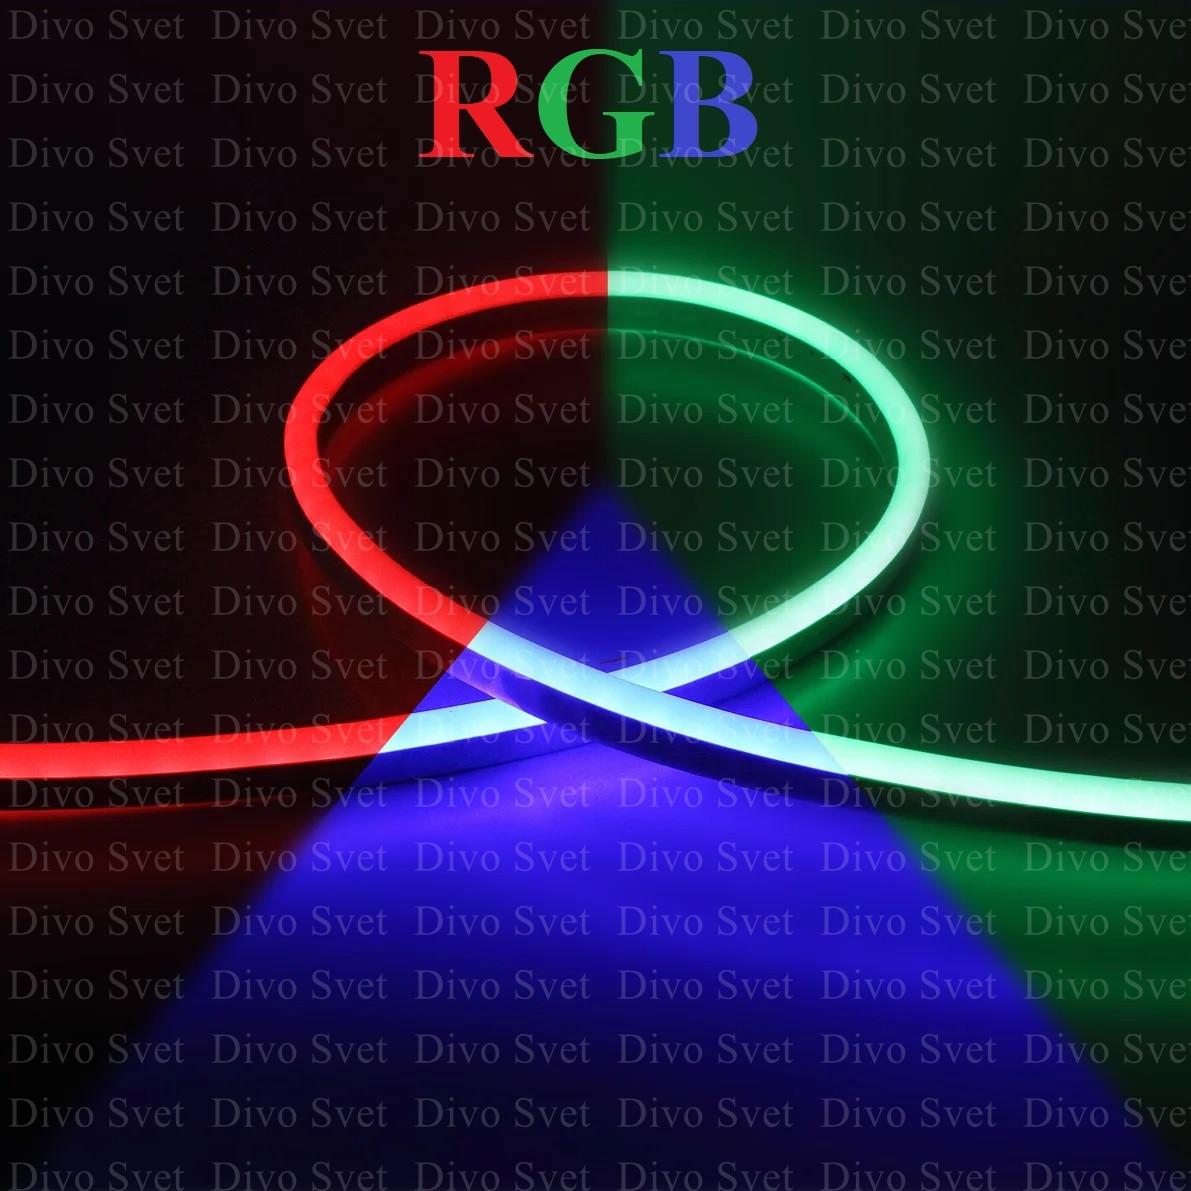 Флекс неон SMD 8*16мм многоцветный RGB. Led Flex neon, гибкий неоновый шнур. Неоновая лента цветная.